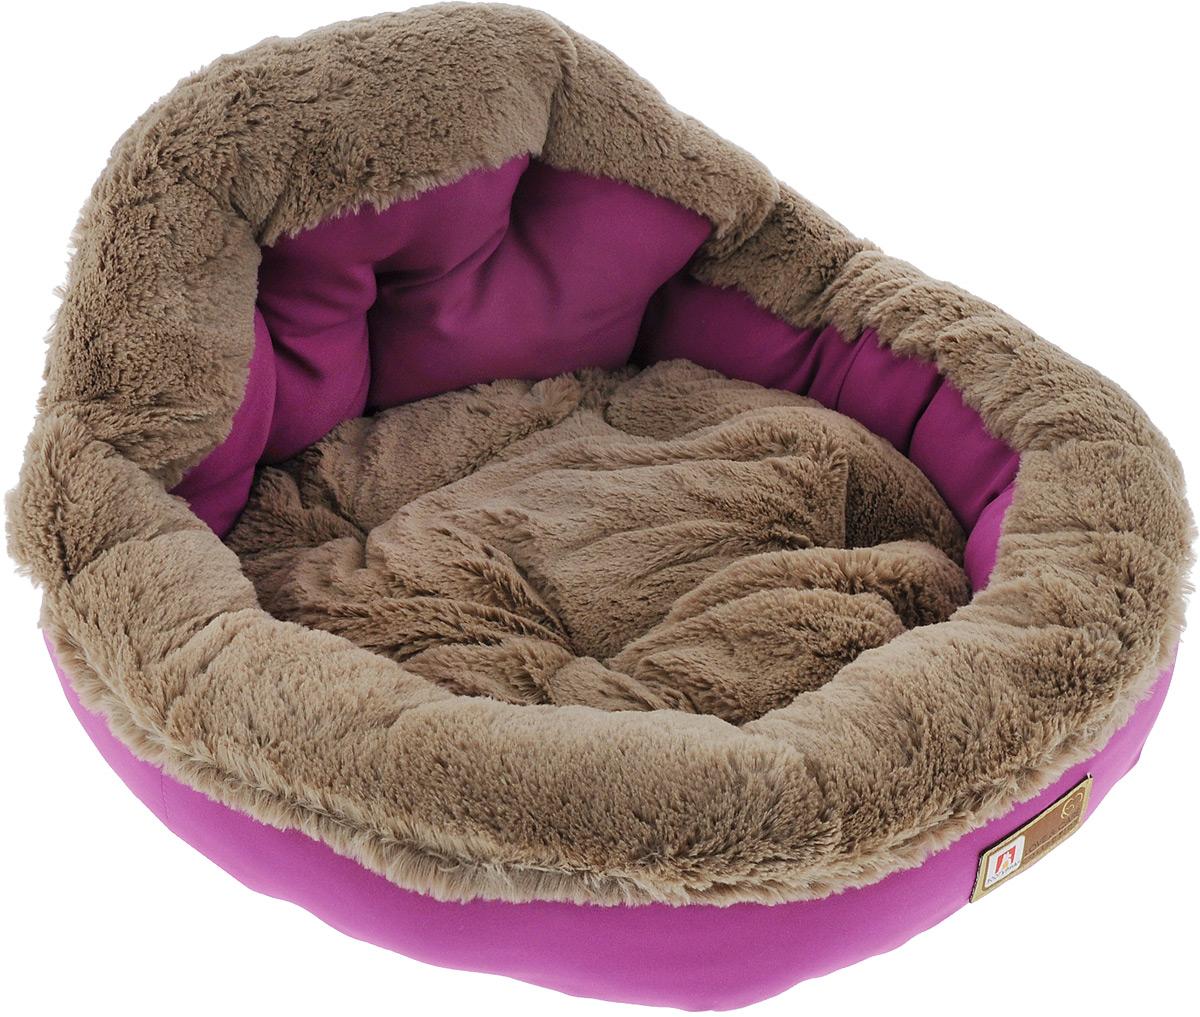 Лежак для собак и кошек Зоогурман Президент, цвет: розовый, 45 см х 45 см х 20 см0120710Мягкий и уютный лежак для кошек и собак Зоогурман Президент обязательно понравится вашему питомцу. Лежак выполнен из нежного, приятного материала. Внутри - мягкий наполнитель, который не теряет своей формы долгое время.Внутри лежака съемная меховая подушка. Мягкий, приятный и теплый лежак обеспечит вашему любимцу уют и комфорт. За изделием легко ухаживать, можно стирать вручную или в стиральной машине при температуре 40°С. Материал бортиков: микроволоконная шерстяная ткань.Материал спинки и матрасика: искусственный мех.Наполнитель: гипоаллергенное синтетическое волокно.Размер: 45 см х 45 см х 20 см.